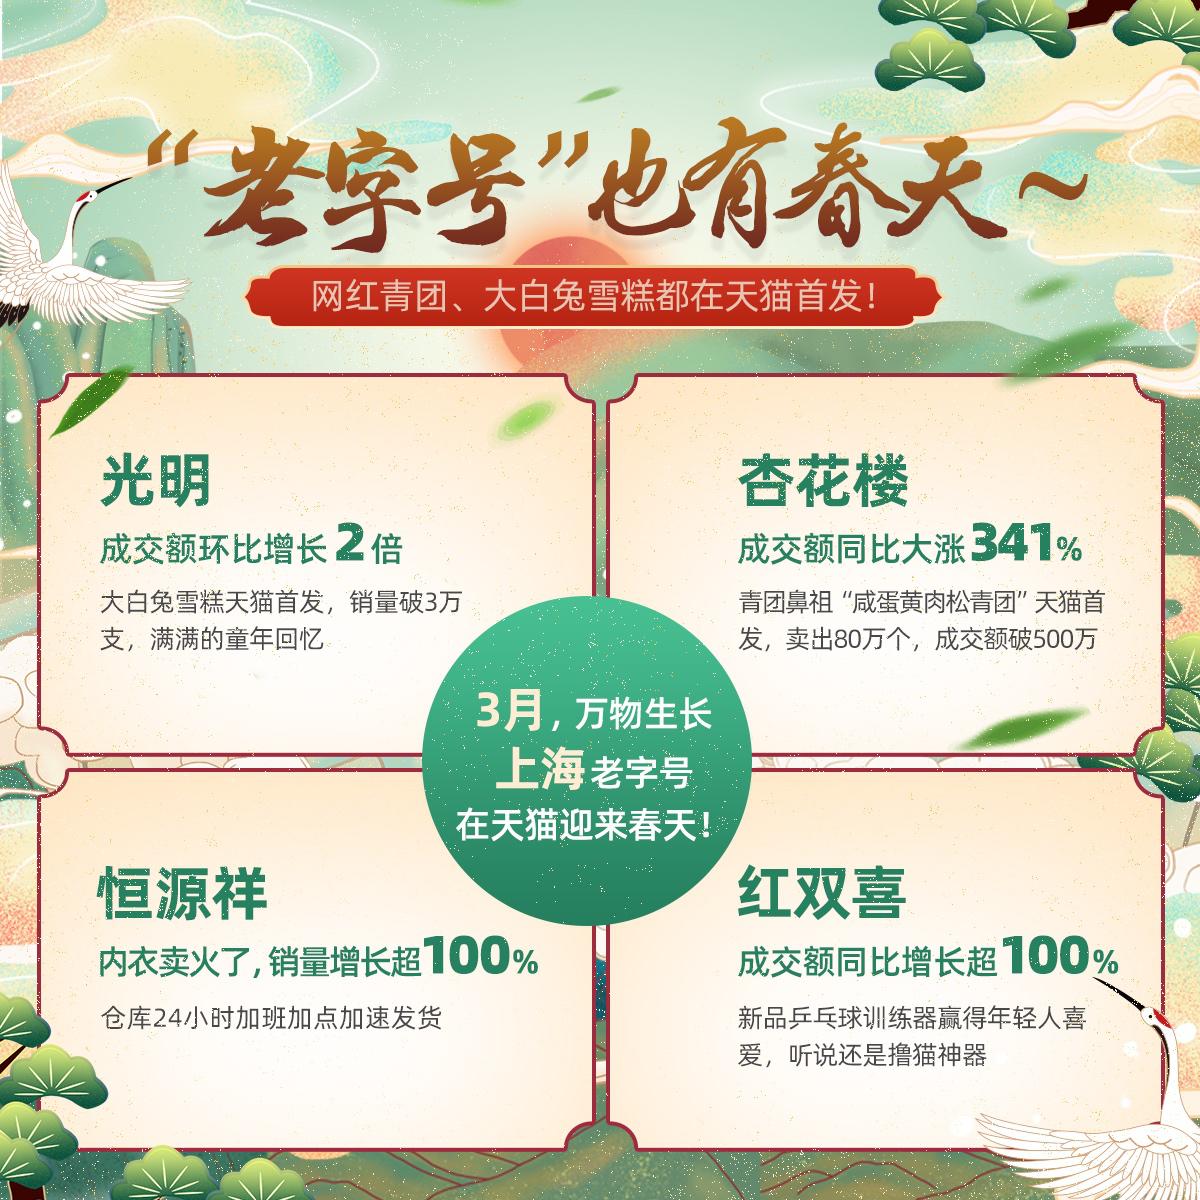 http://www.shangoudaohang.com/jinkou/301540.html